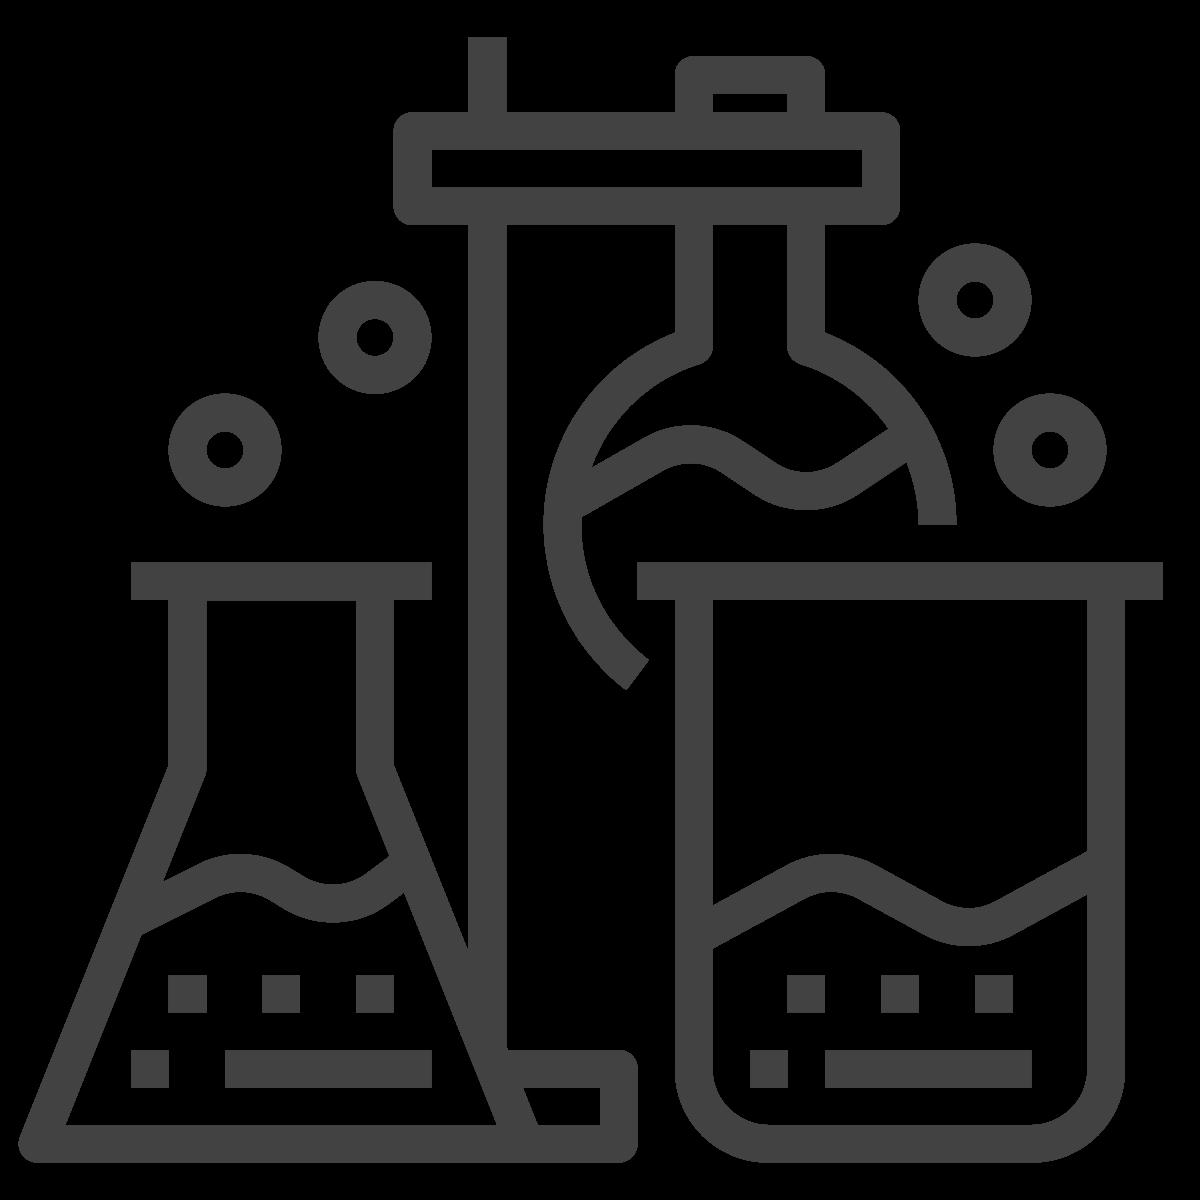 Laboratory Smalls